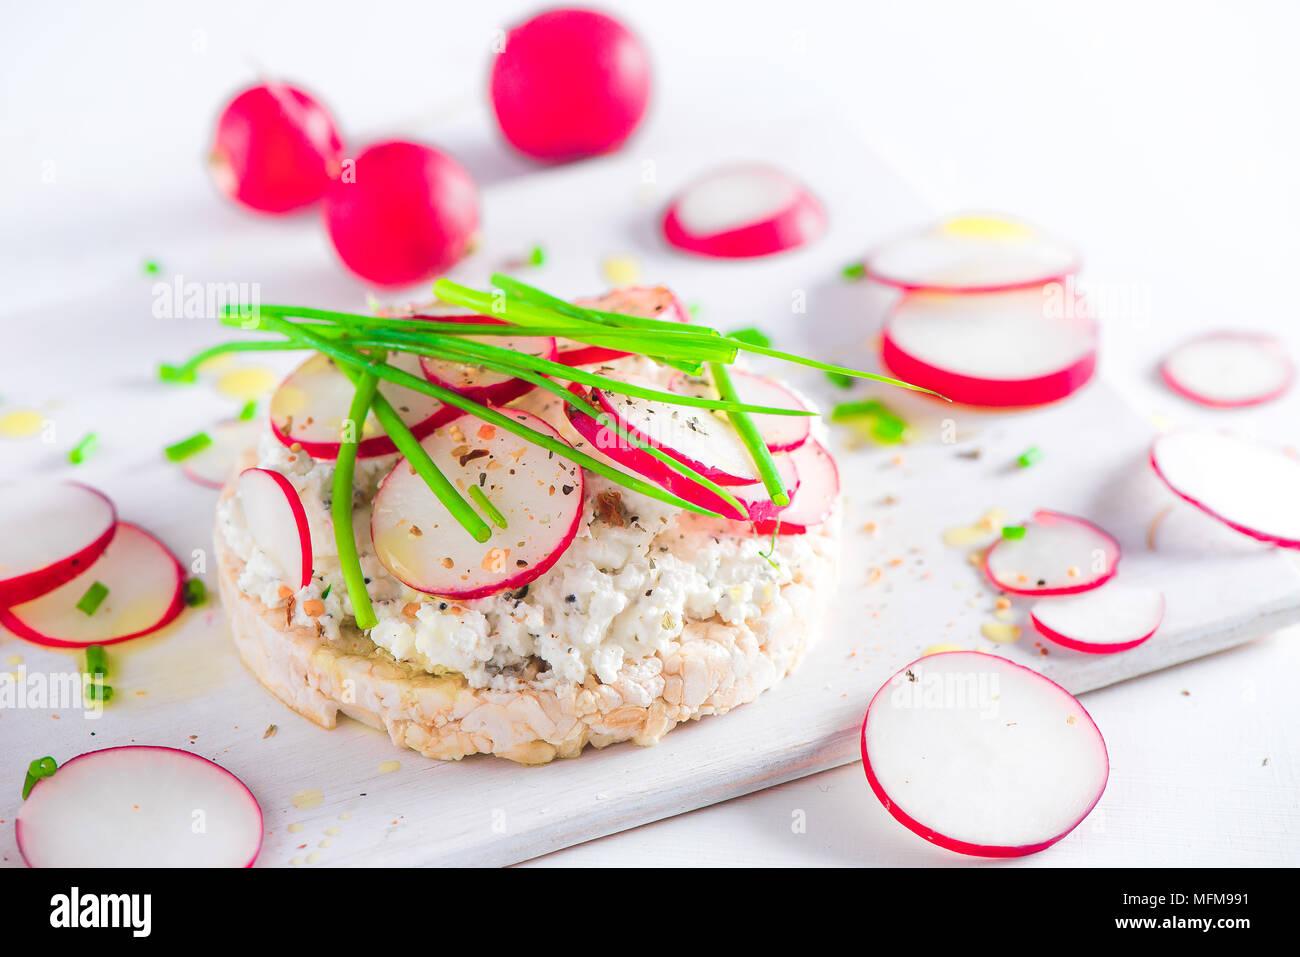 Petit-déjeuner simple avec du pain concept, radis, oignon vert, tranches de fromage cottage et le poivre. Collation santé en high key avec copie espace. Photo Stock